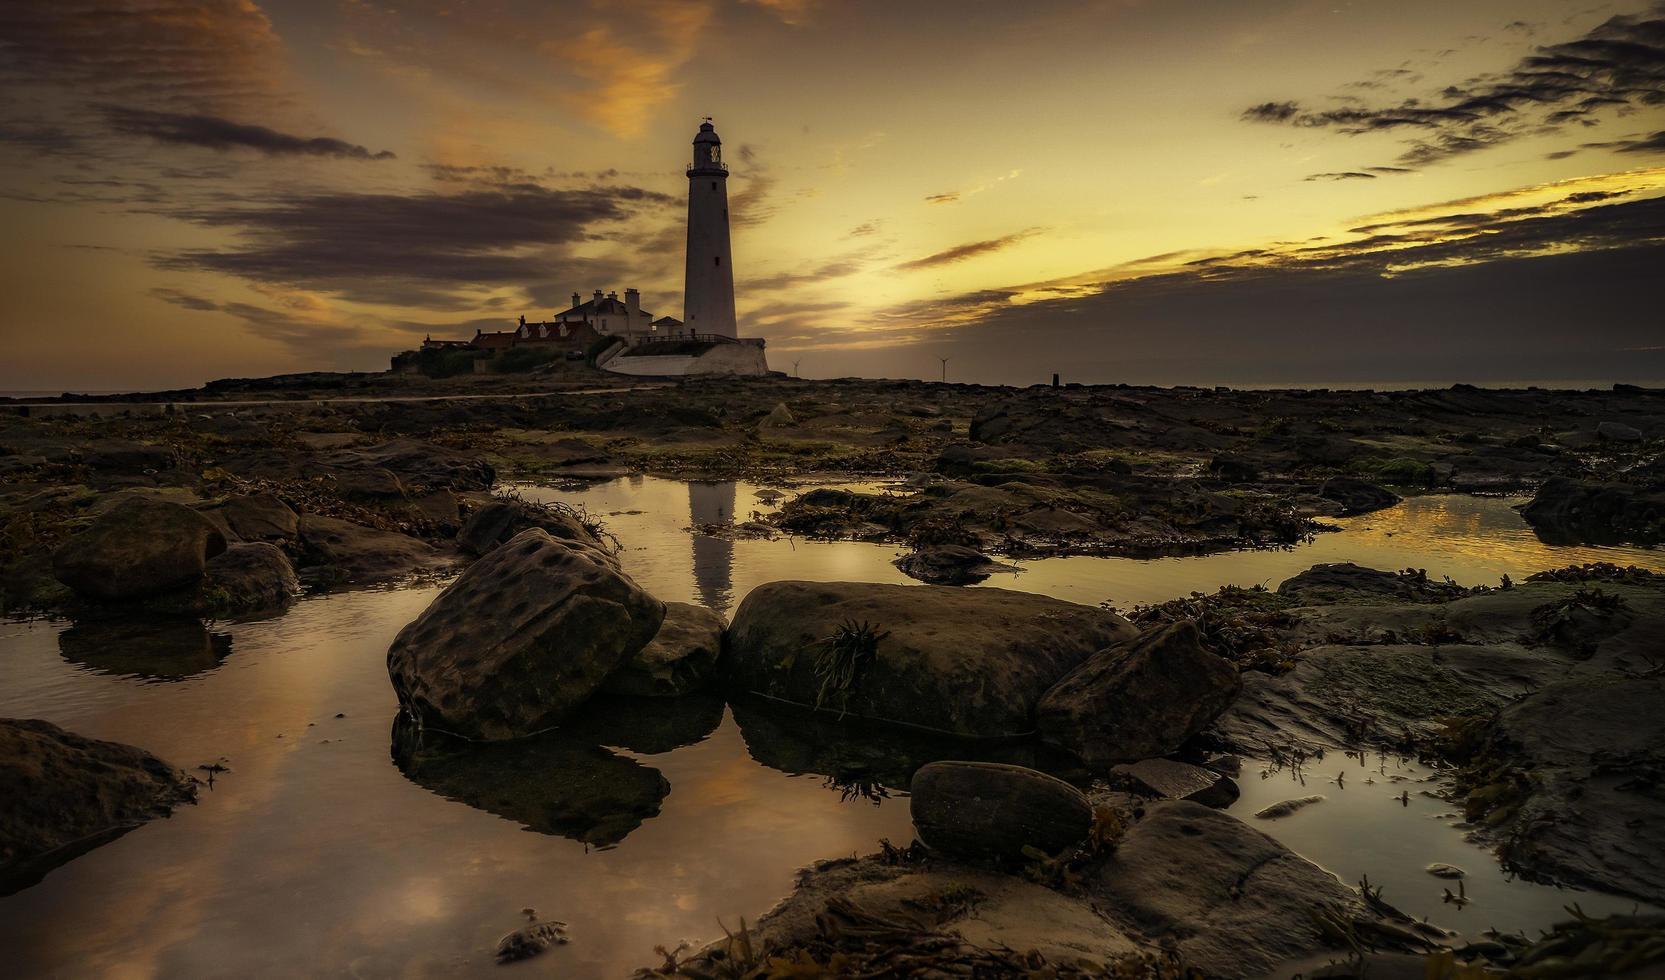 vuurtoren op rotsachtige kust tijdens zonsondergang foto